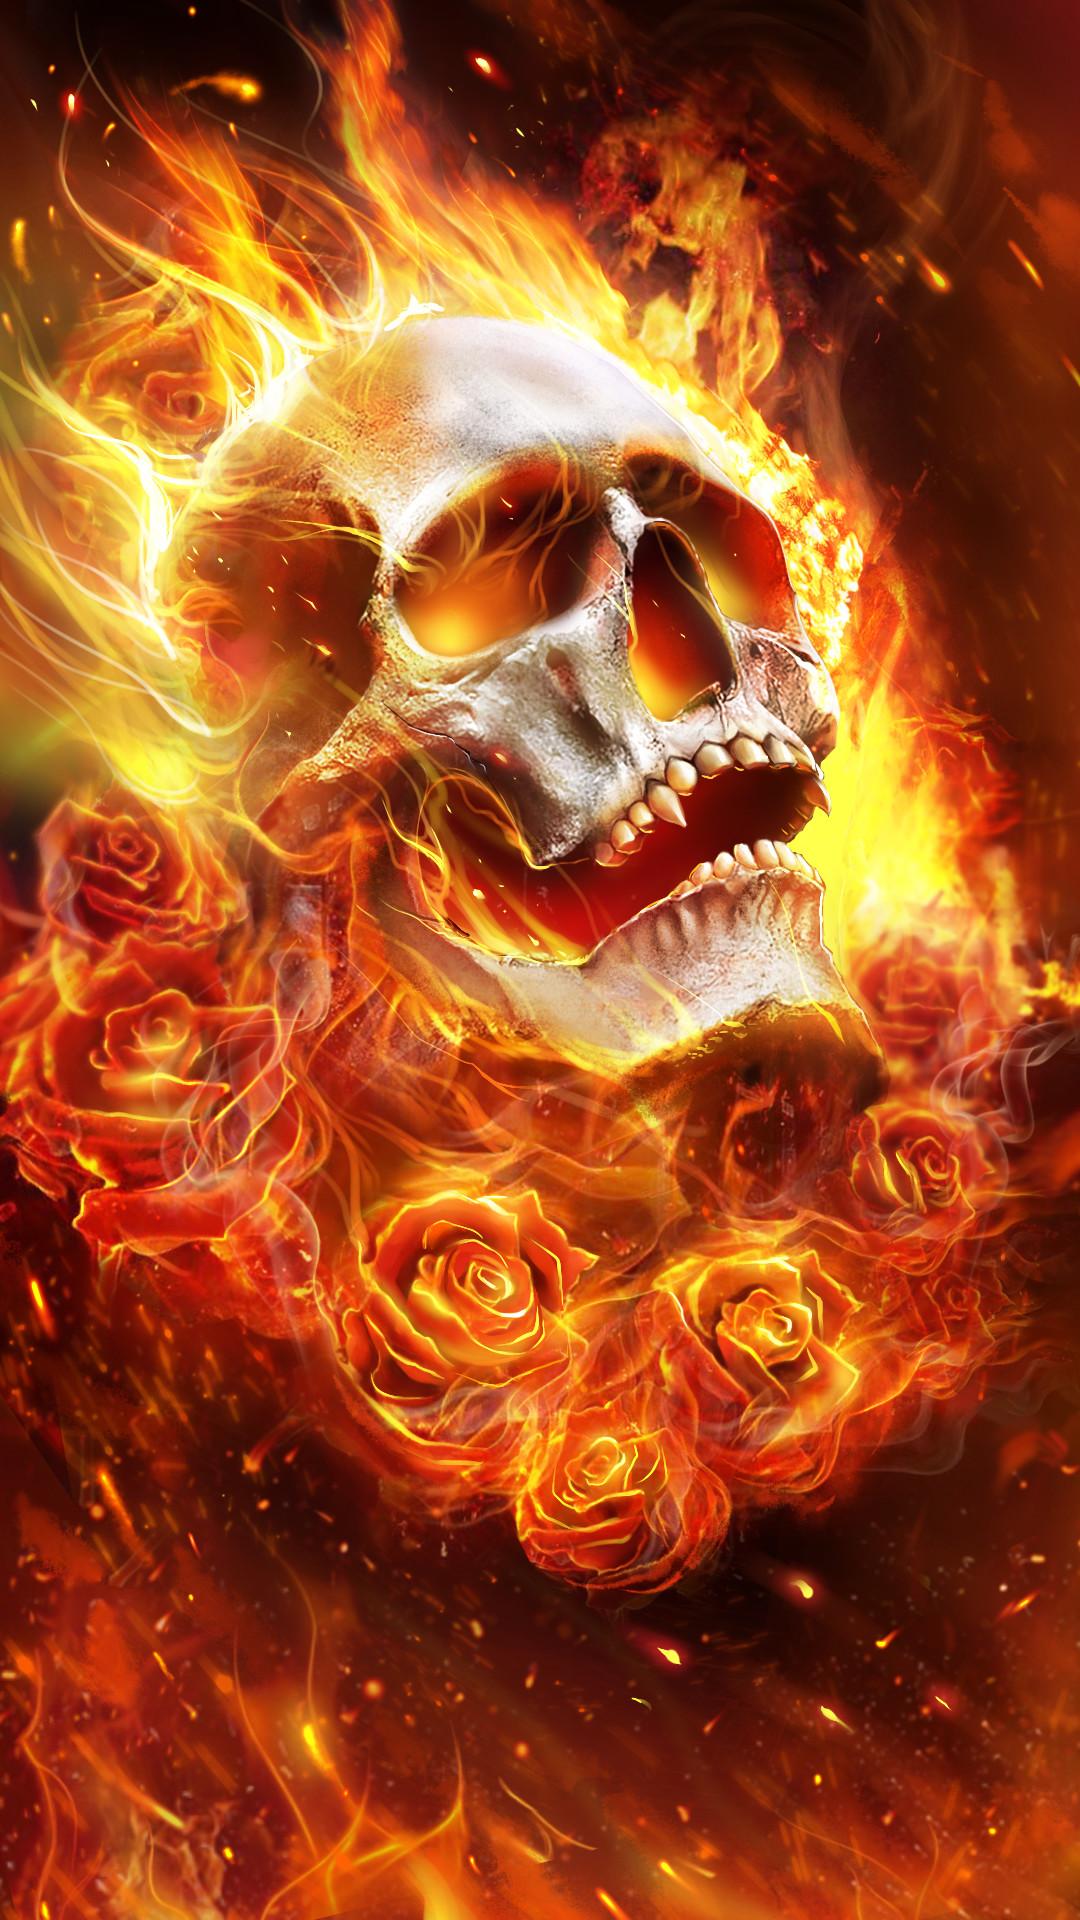 Skull art wallpaper 71 images - Skeleton wallpaper ...